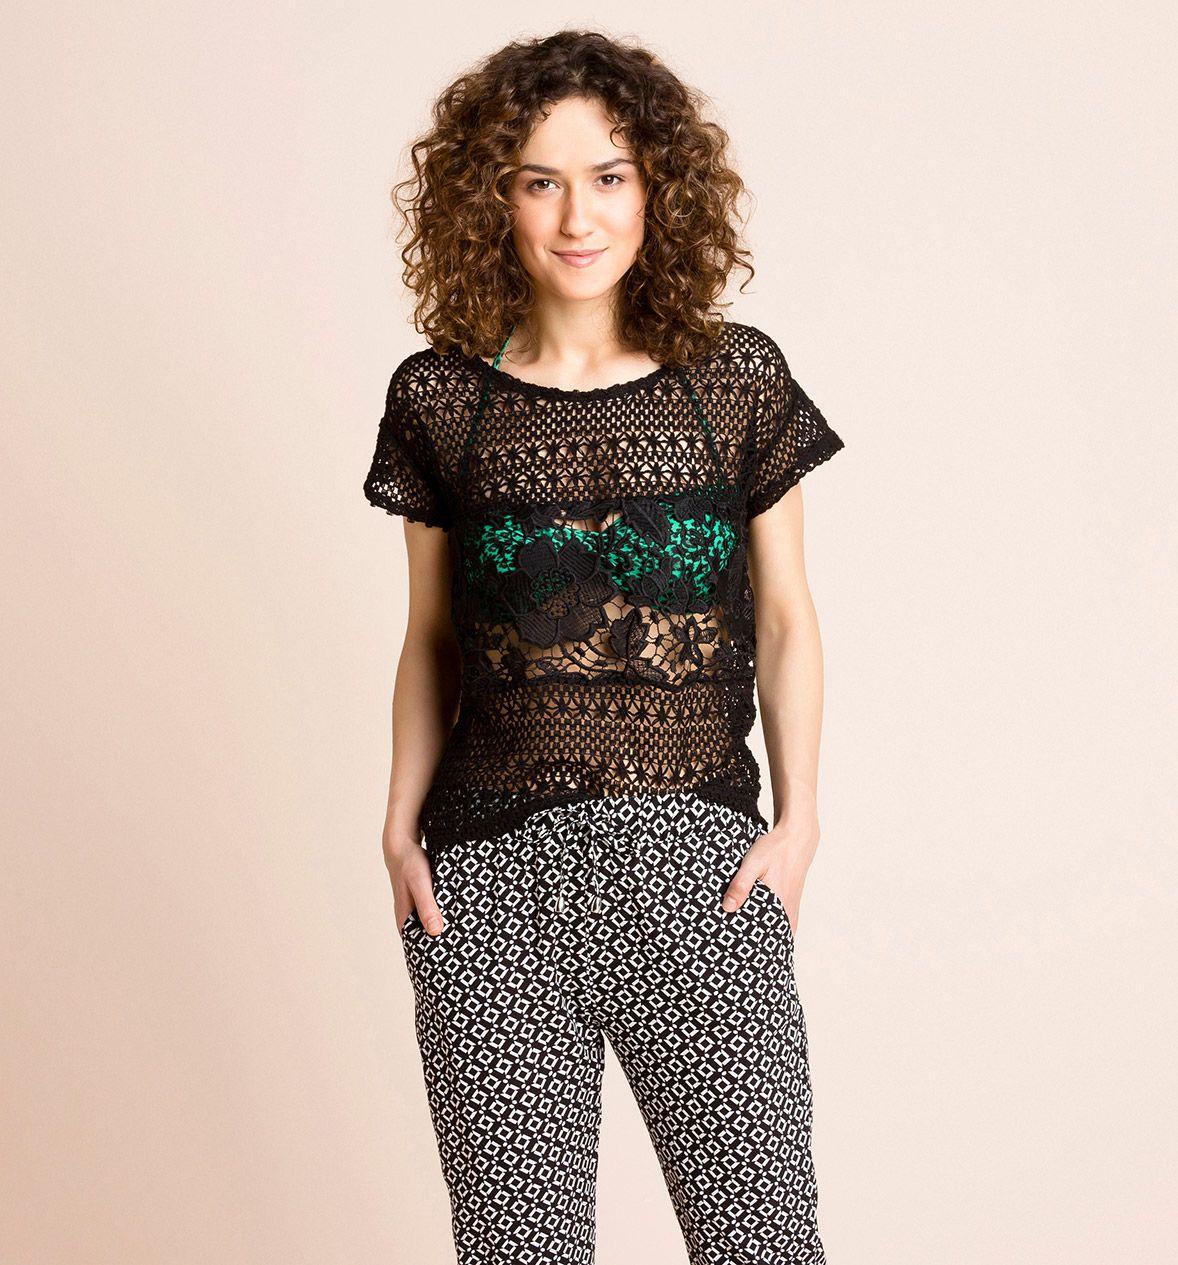 Damen T-Shirt in schwarz - Mode günstig online kaufen - C&A